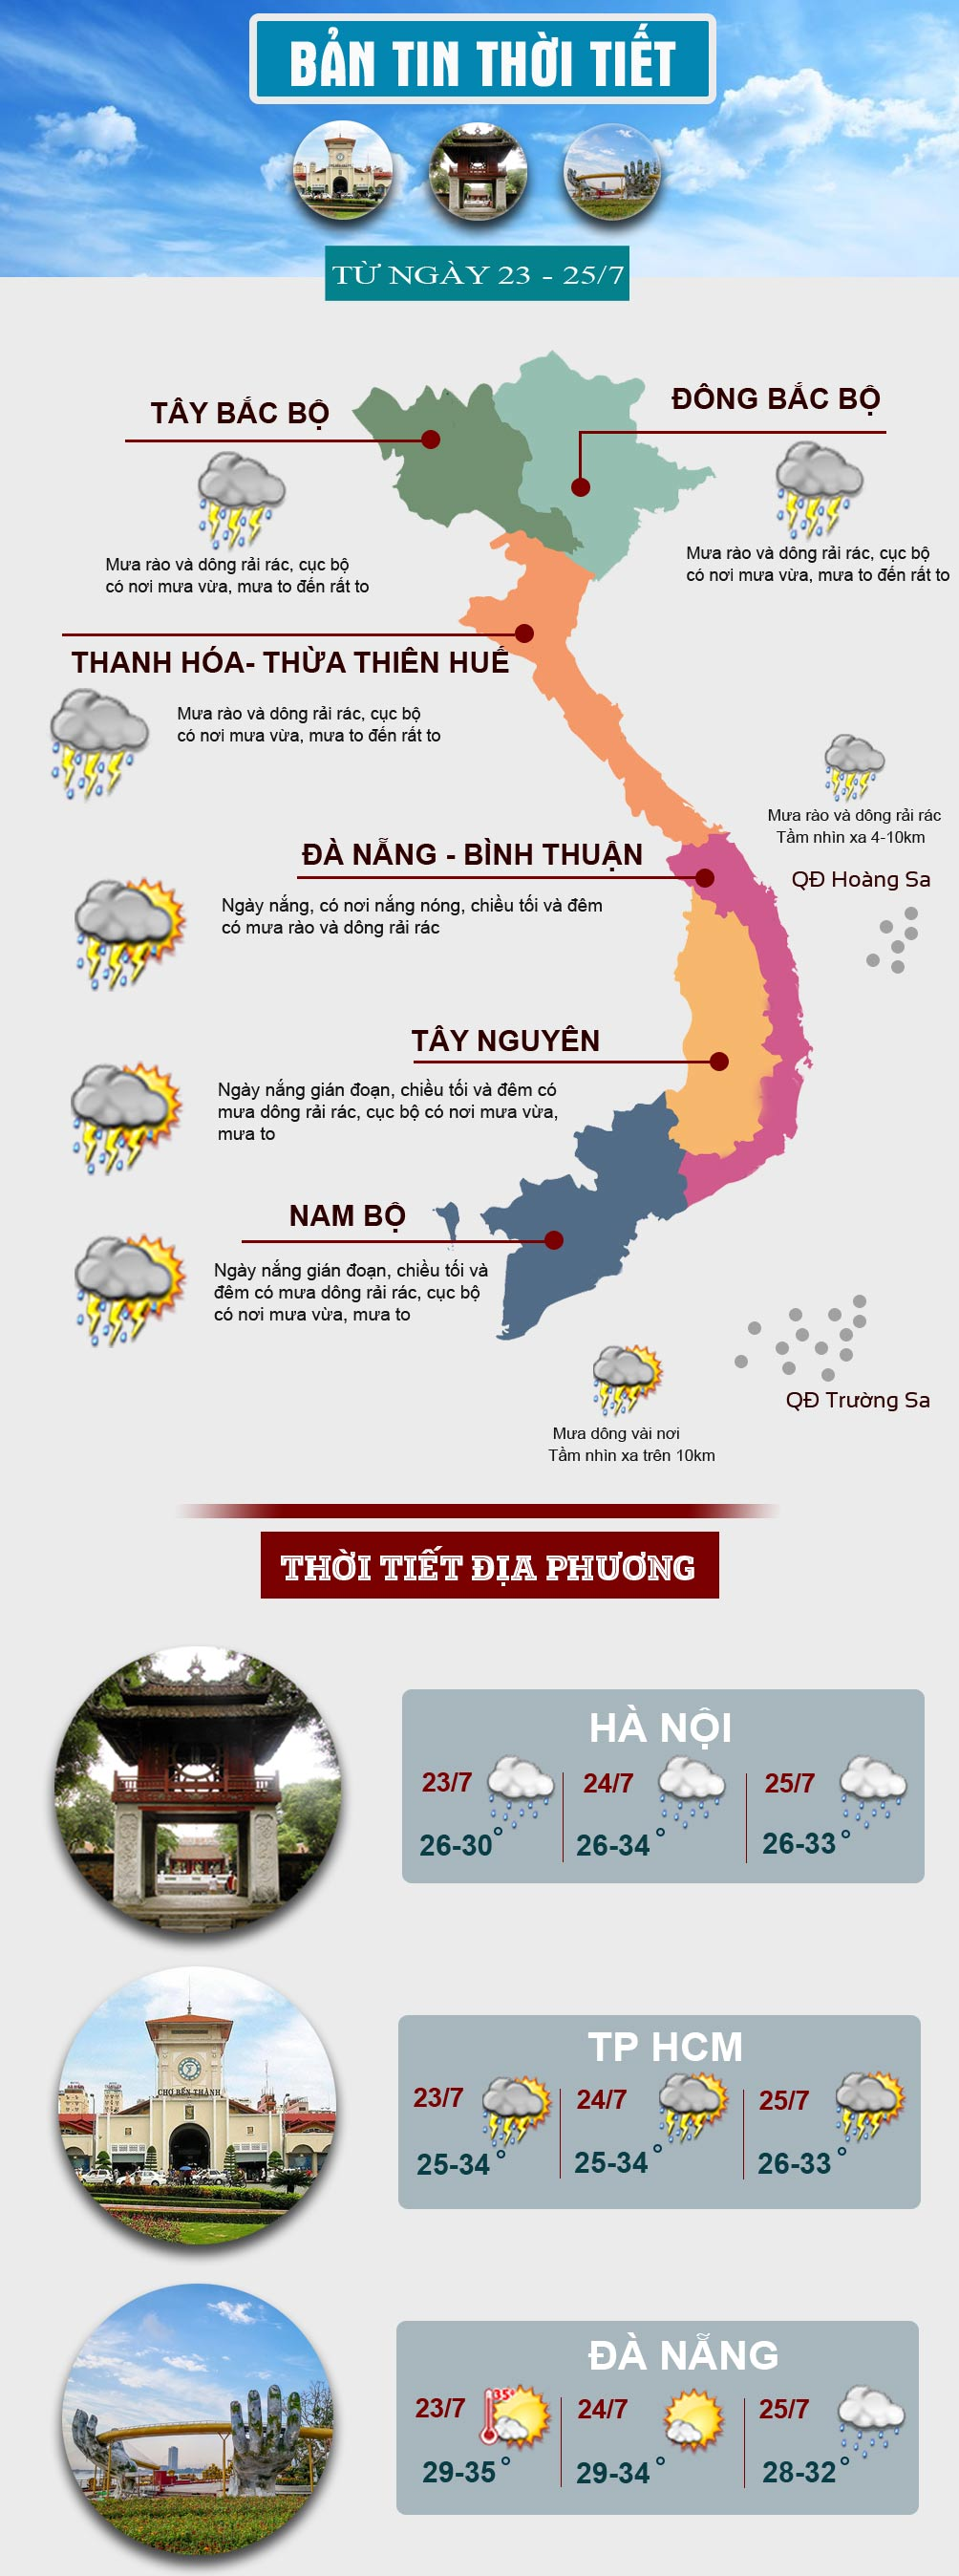 Thời tiết cuối tuần: Áp thấp nhiệt đới gây mưa lớn ở miền Bắc và miền Trung - 1